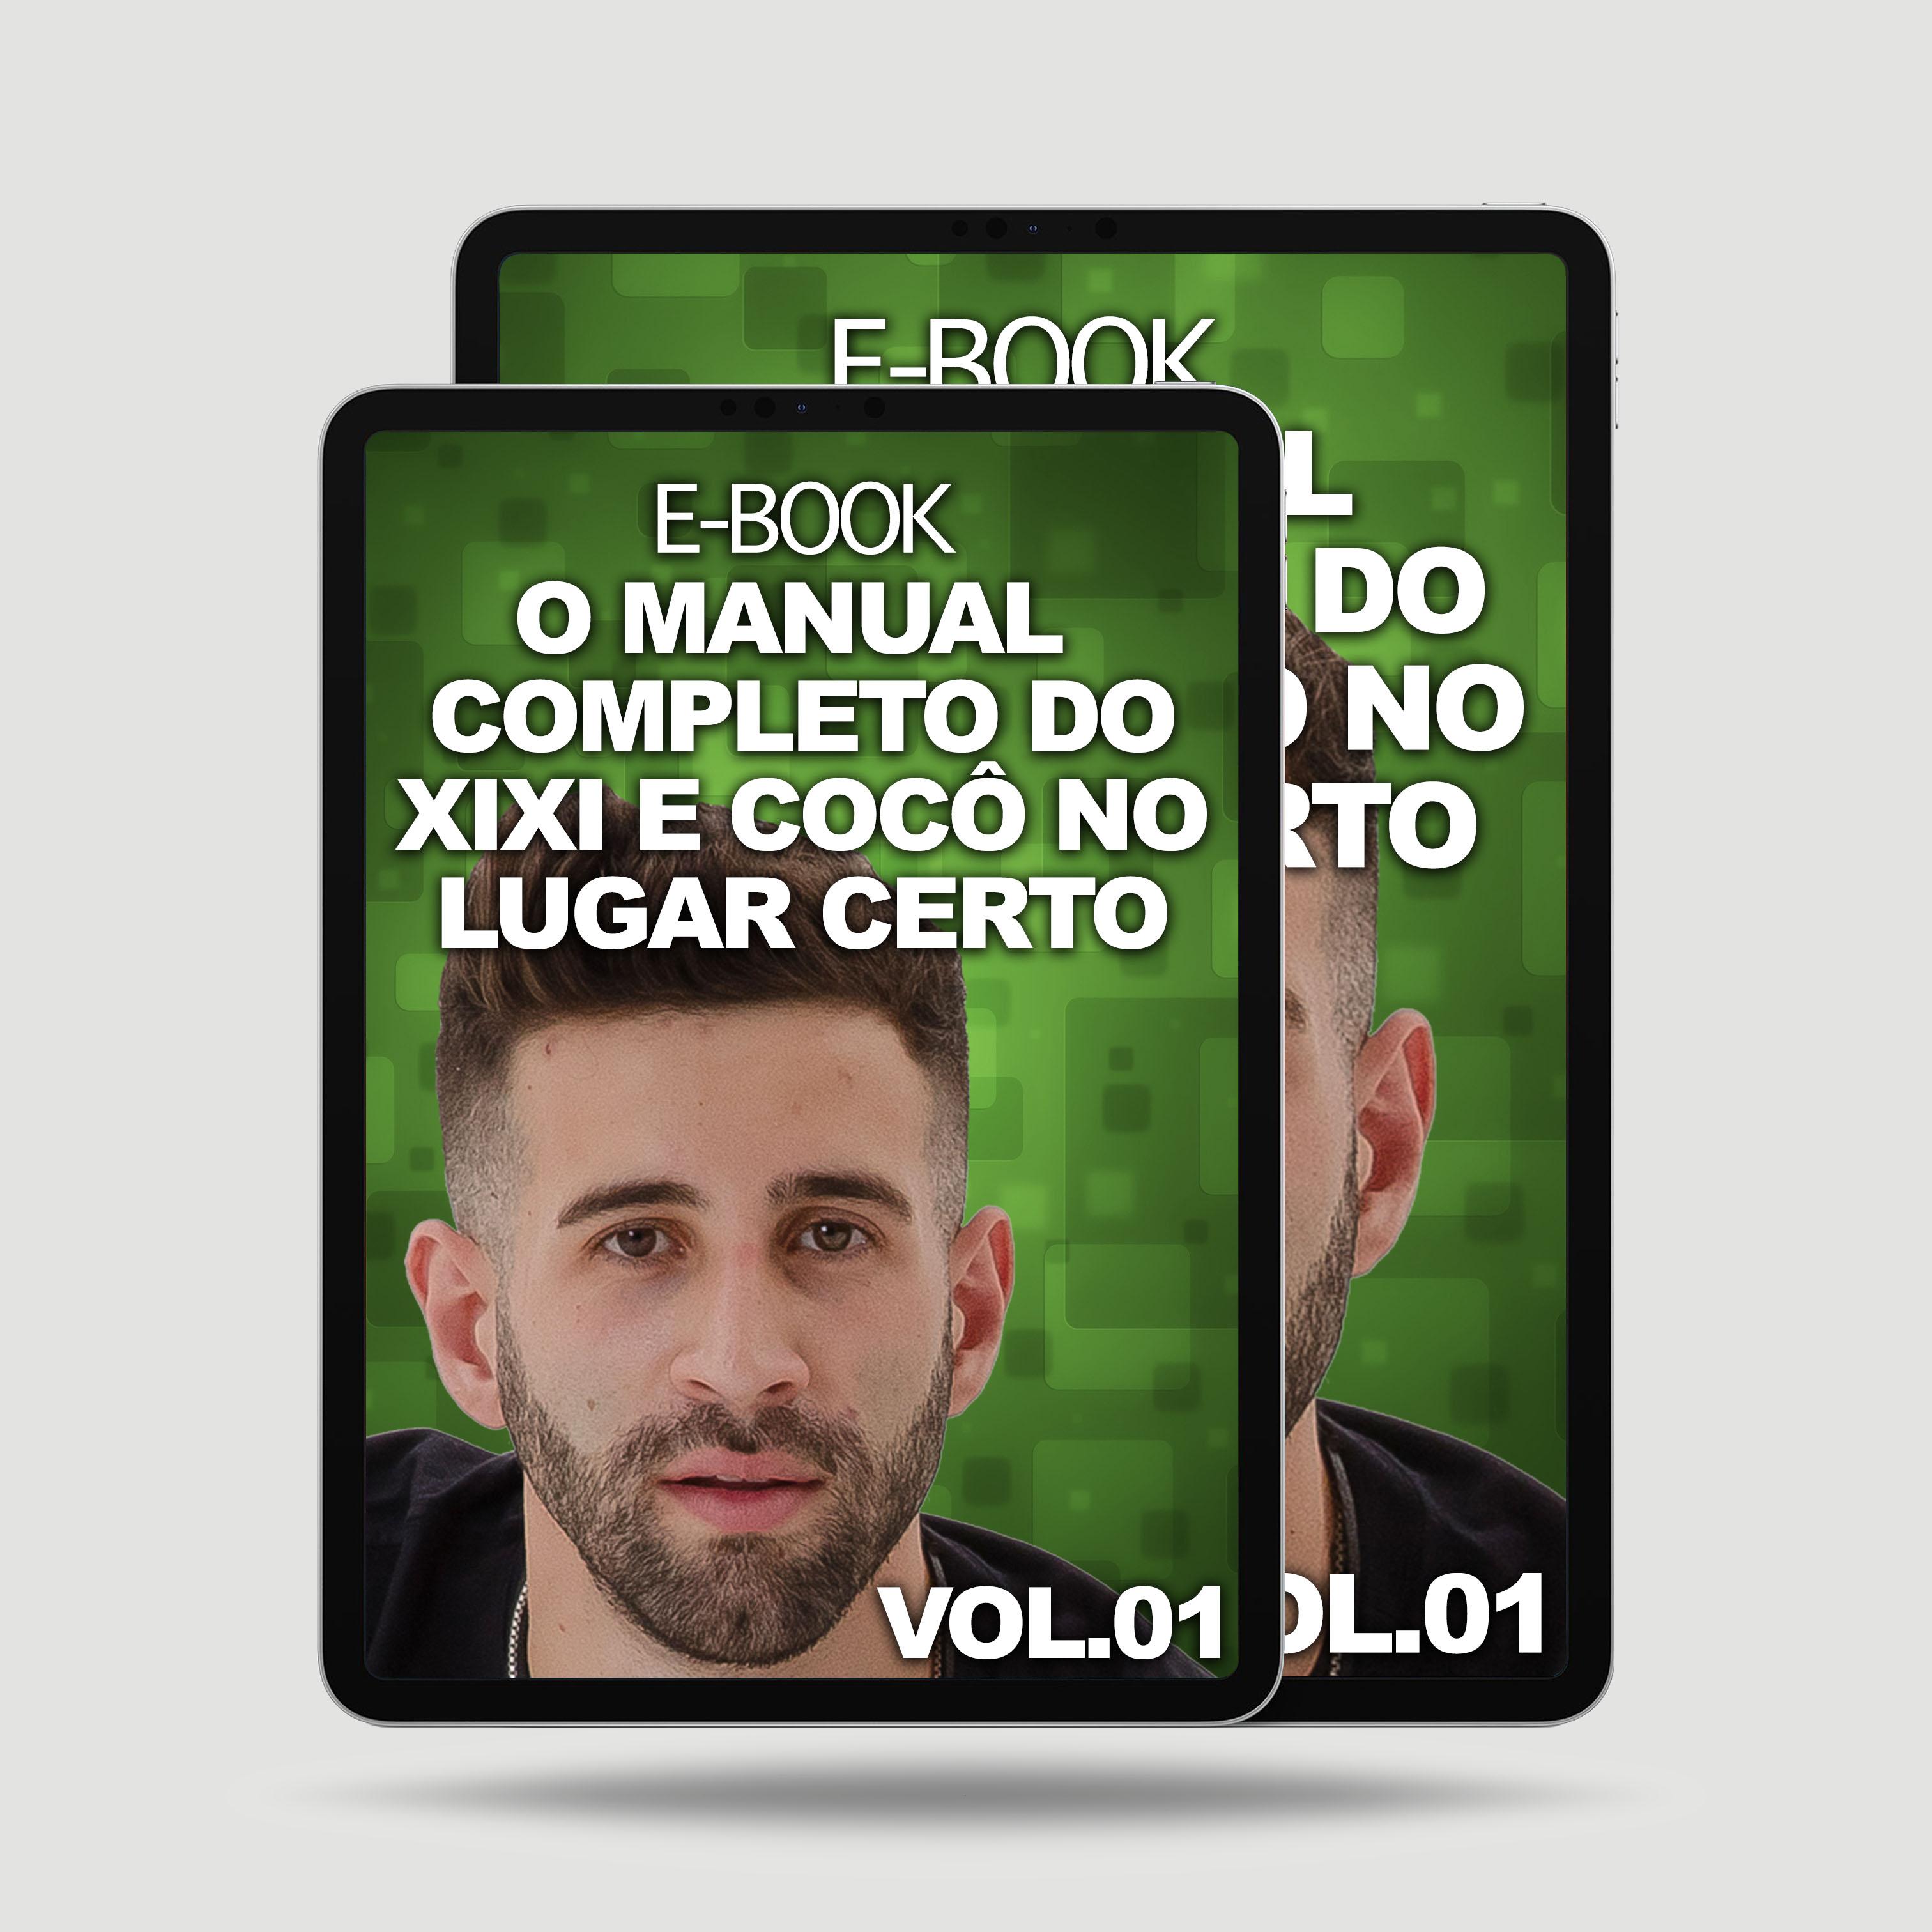 Imagem E-BOOK XIXI E COCÔ NO LUGAR CERTO